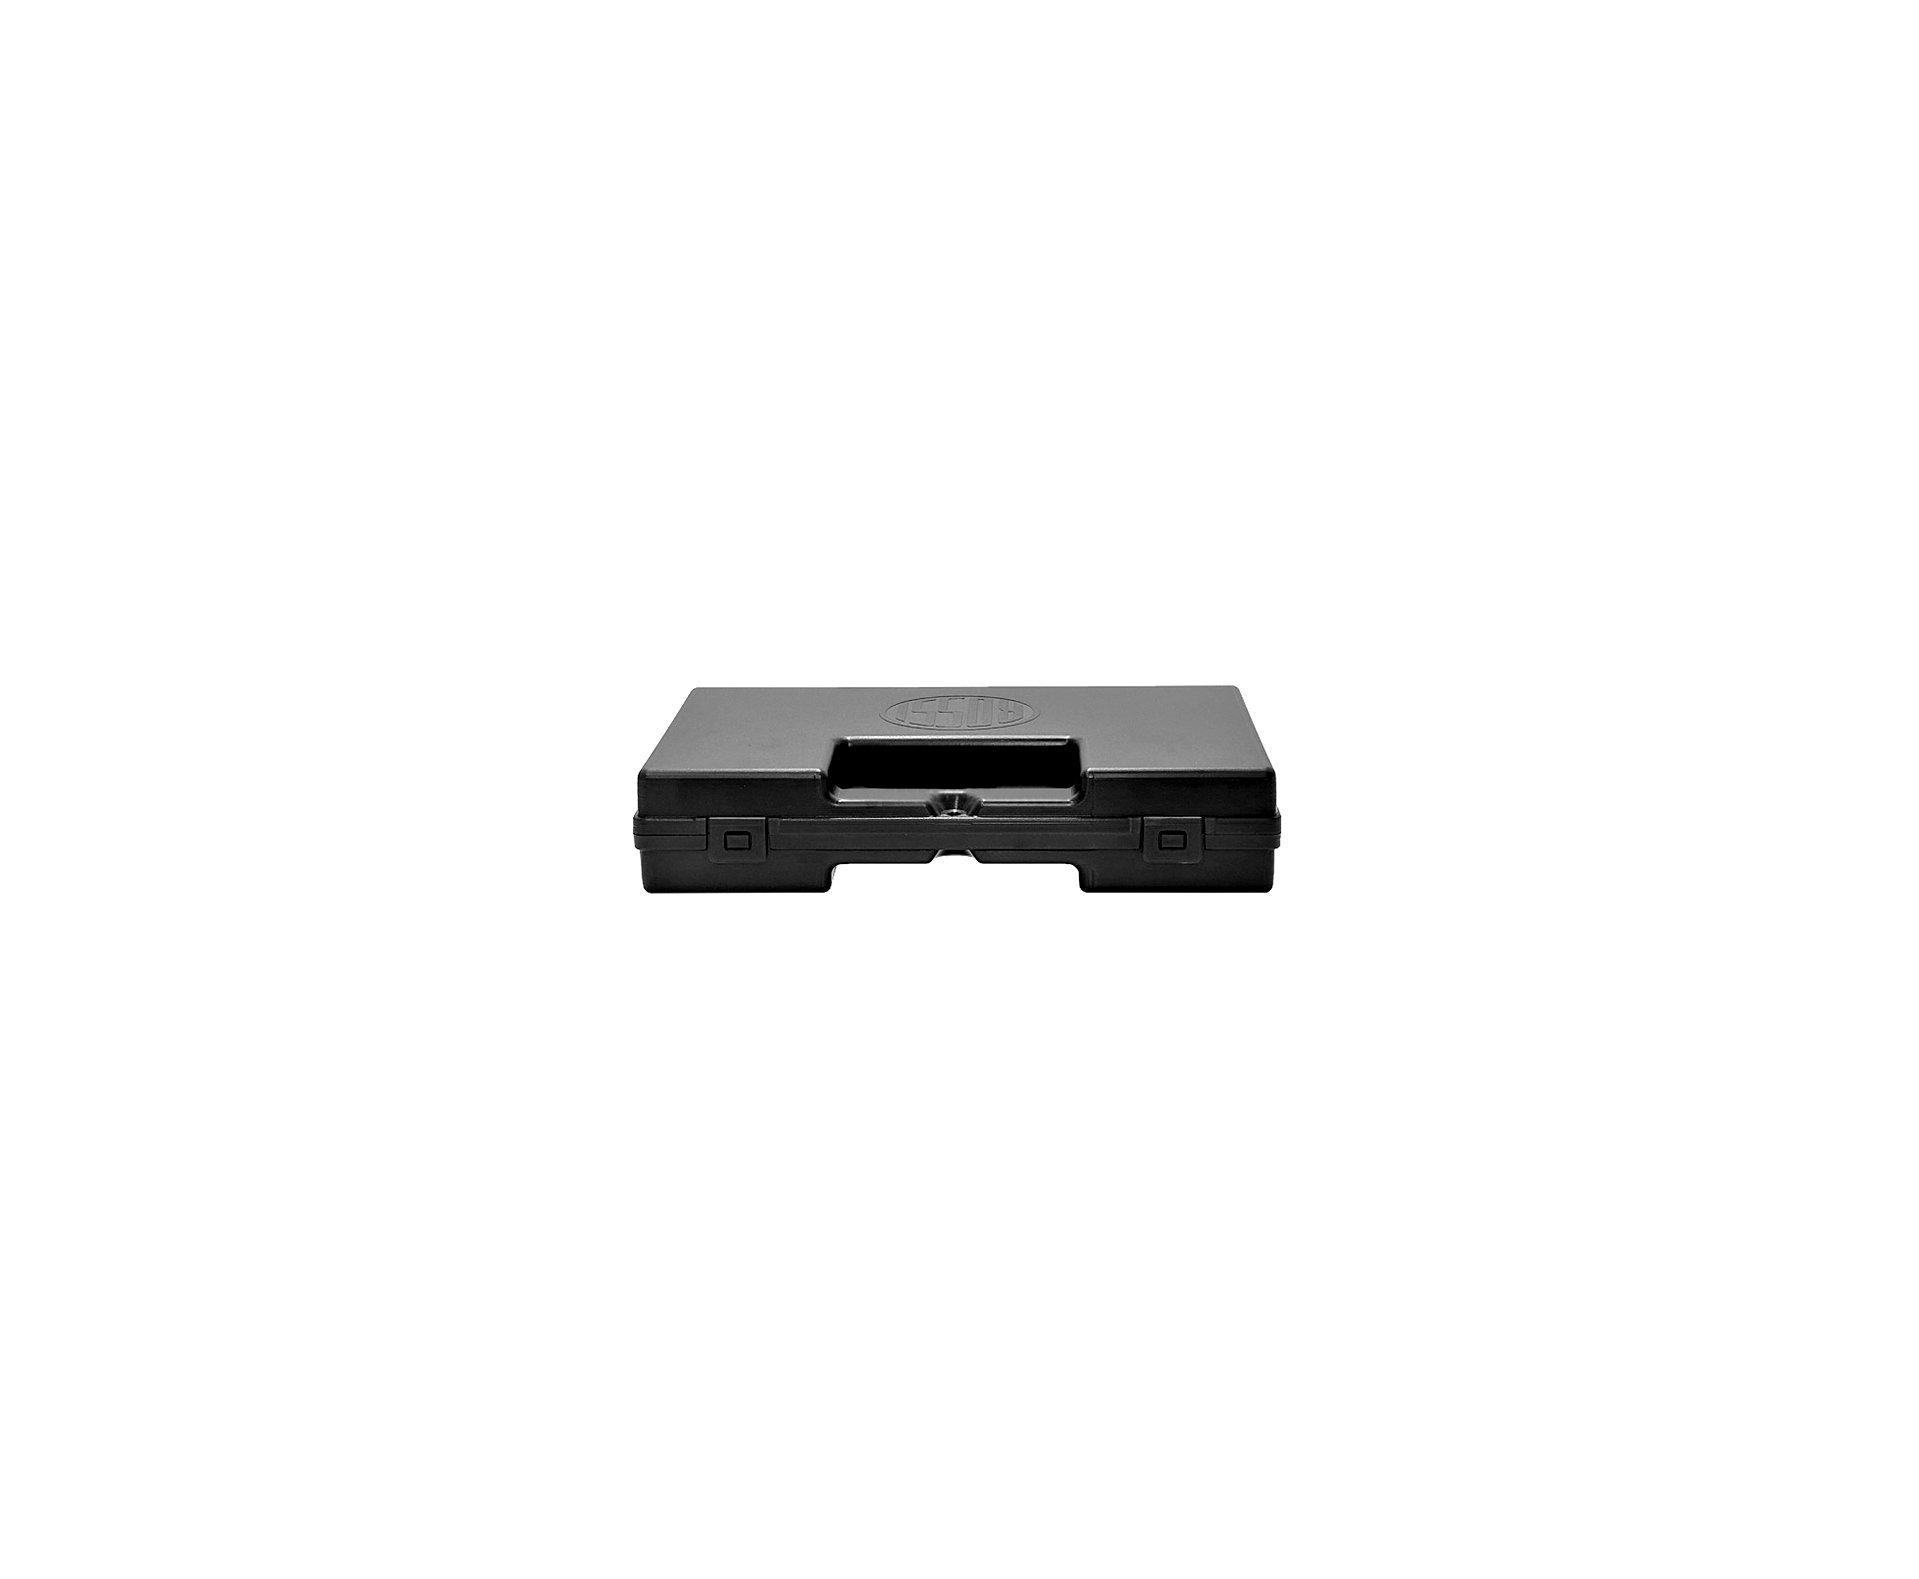 Pistola De Pressão P226 Mola Slide Metal Cal 4,5mm + 04 Esferas Metal + Case - Cybergun